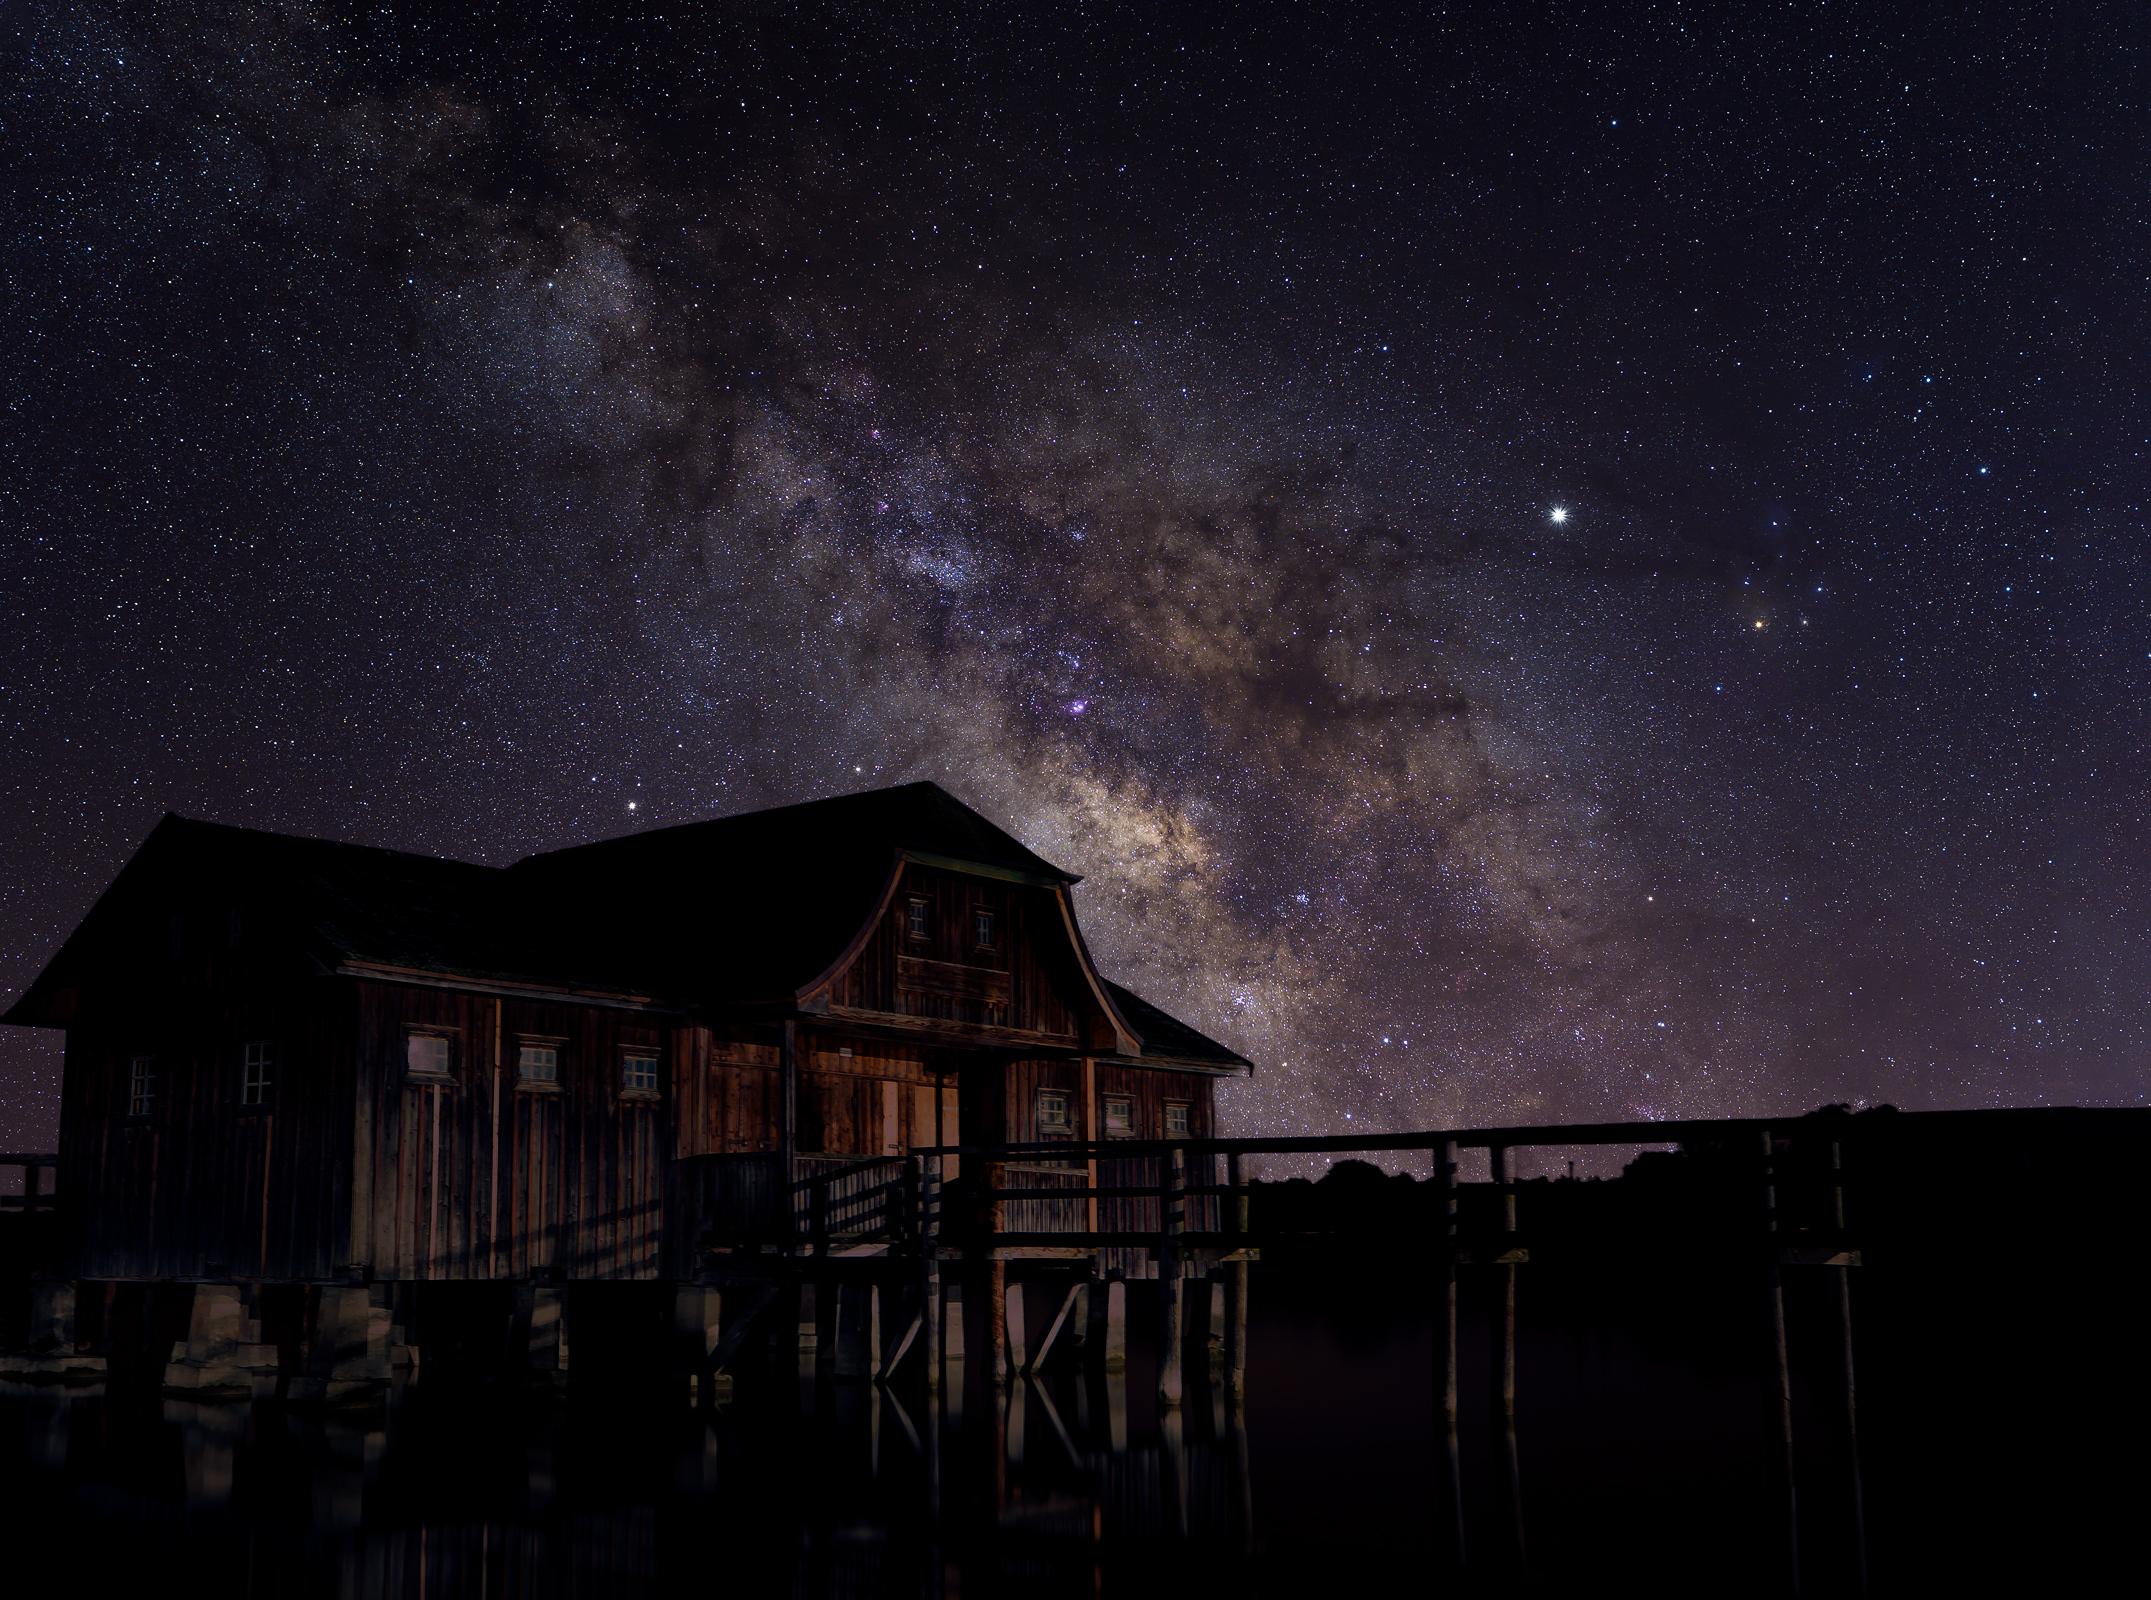 MilkyWay_with_hut.jpg